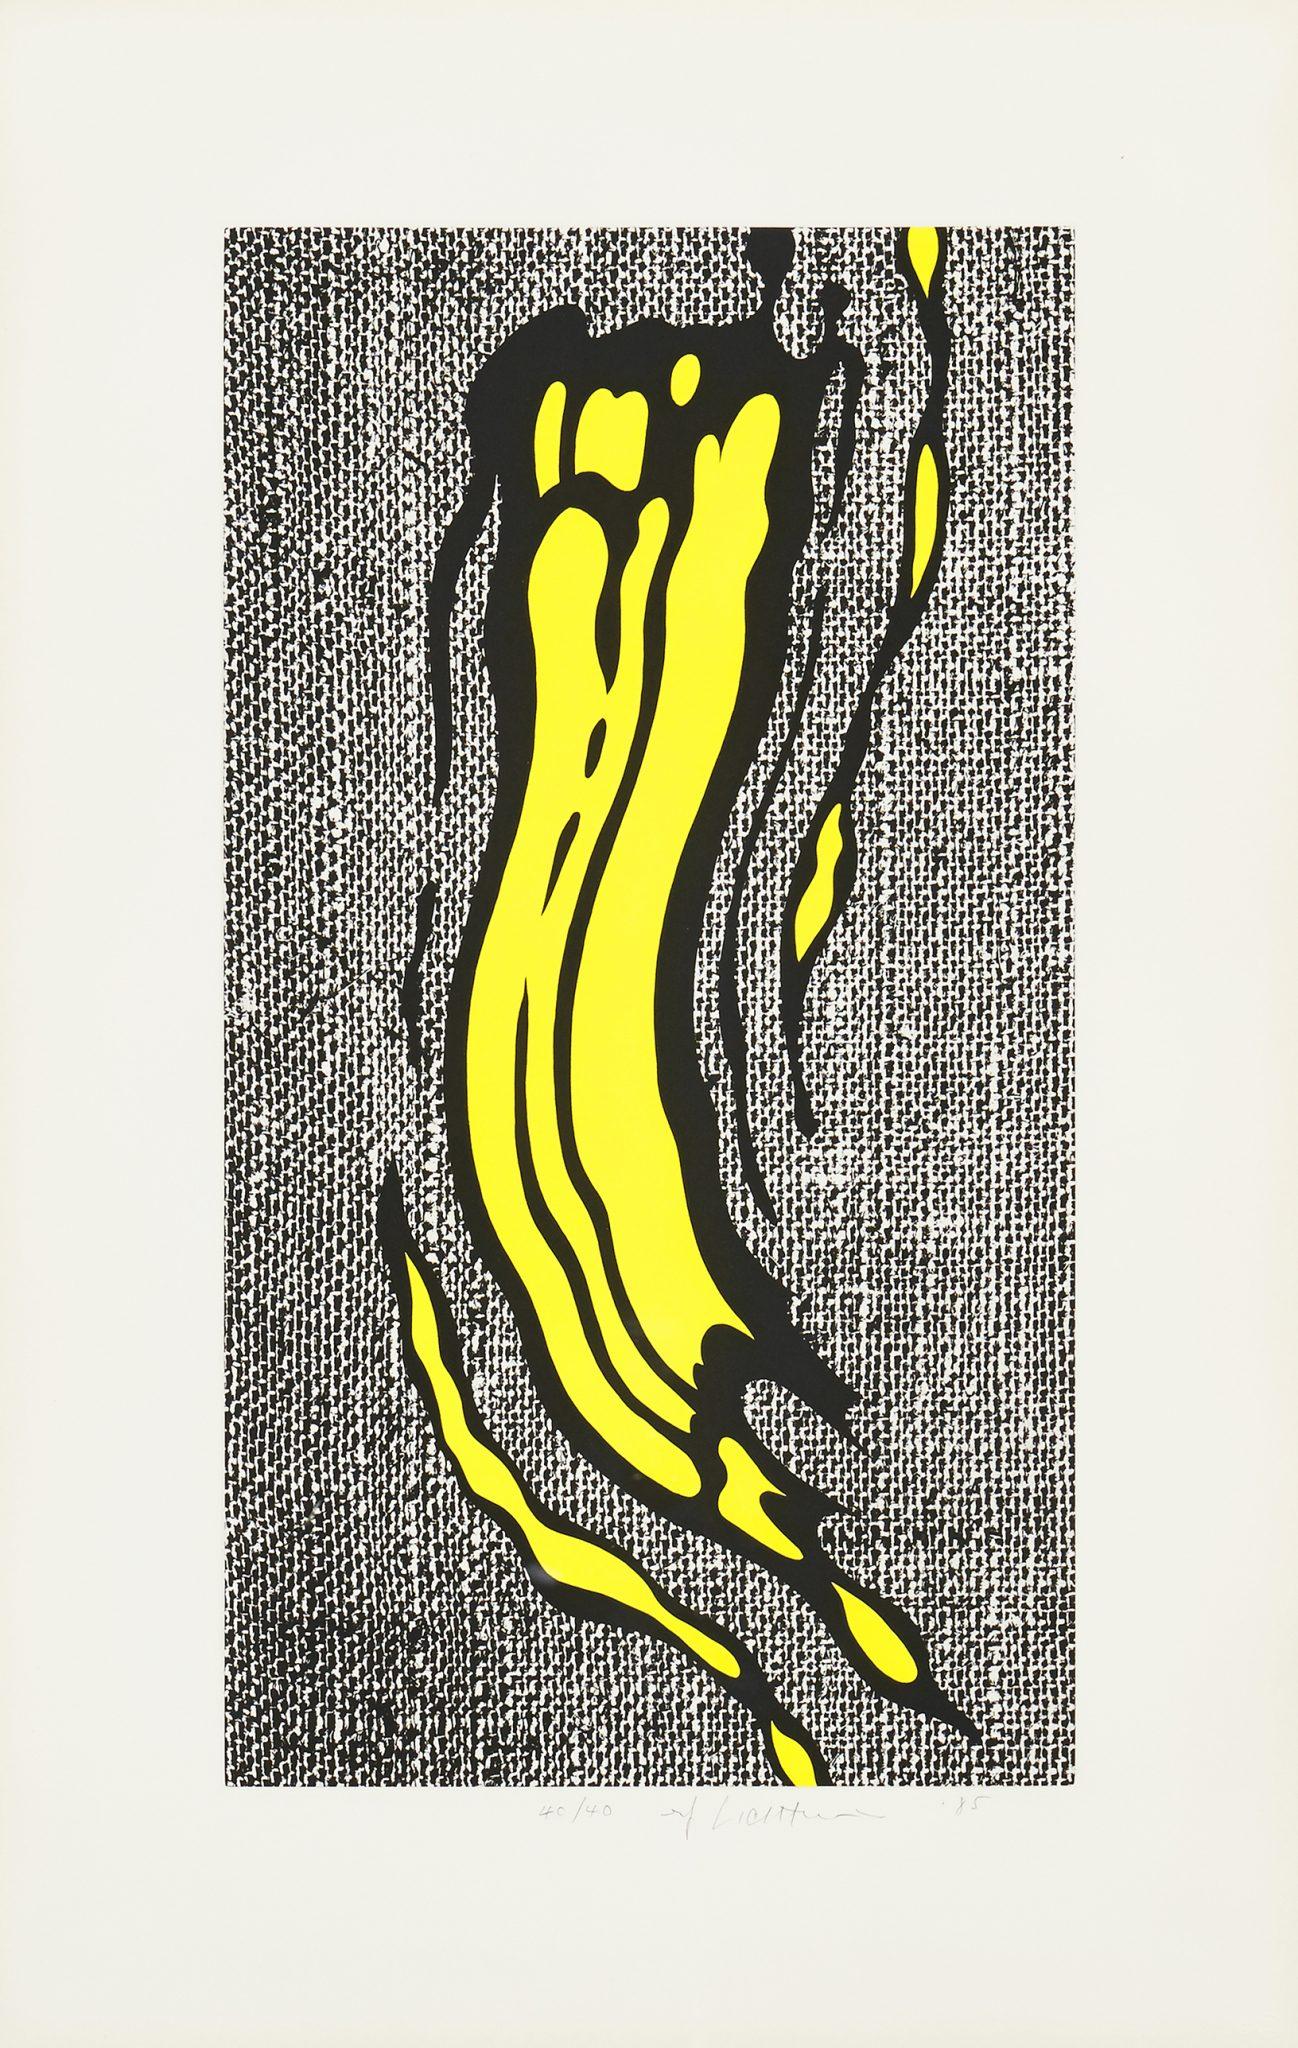 ROY LICHTENSTEIN Yellow Brushstroke, 1985